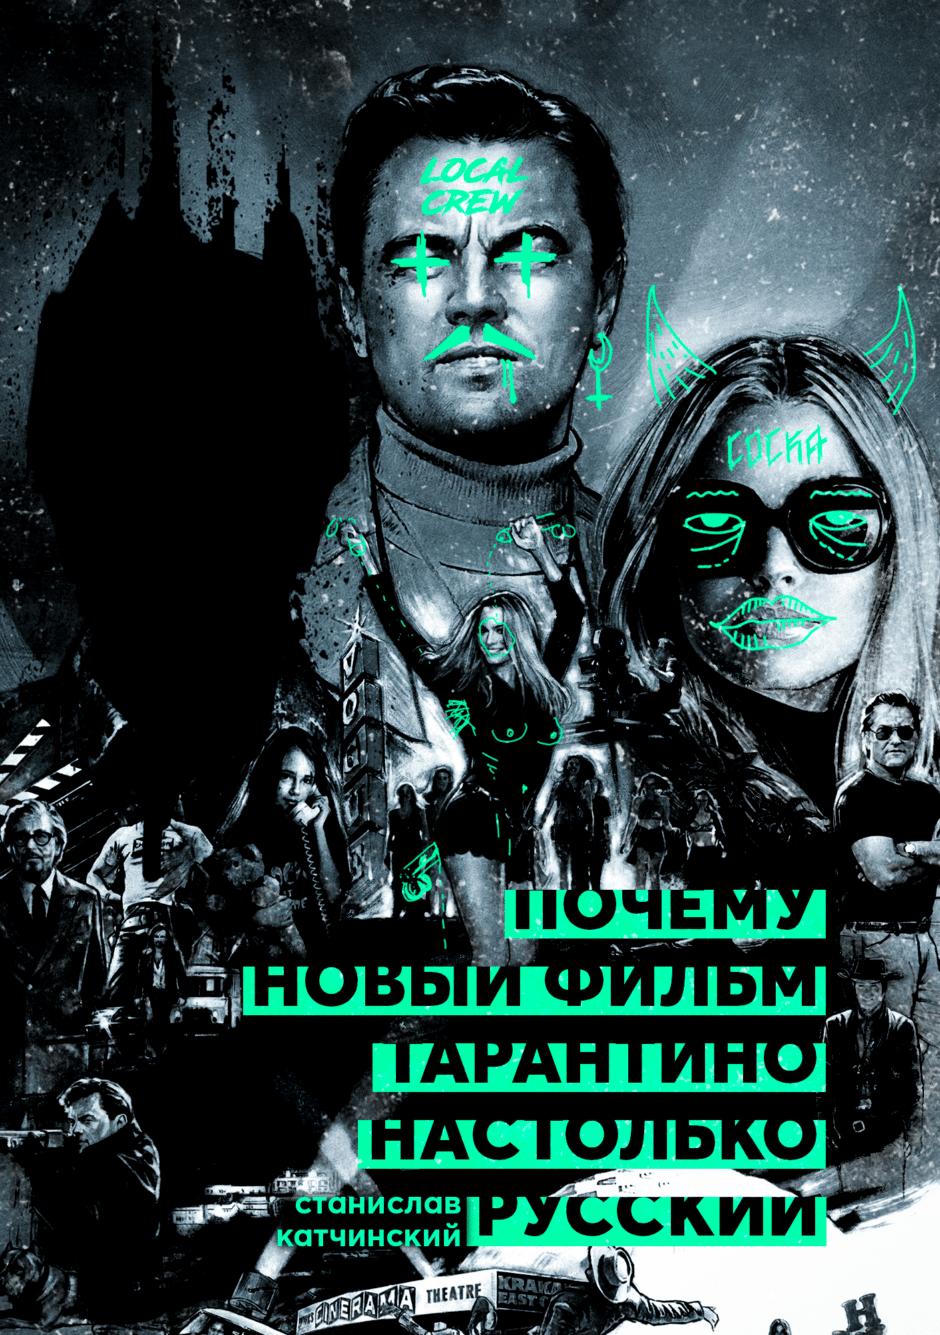 Однажды... в Голливуде — почему новый фильм Тарантино настолько русский?